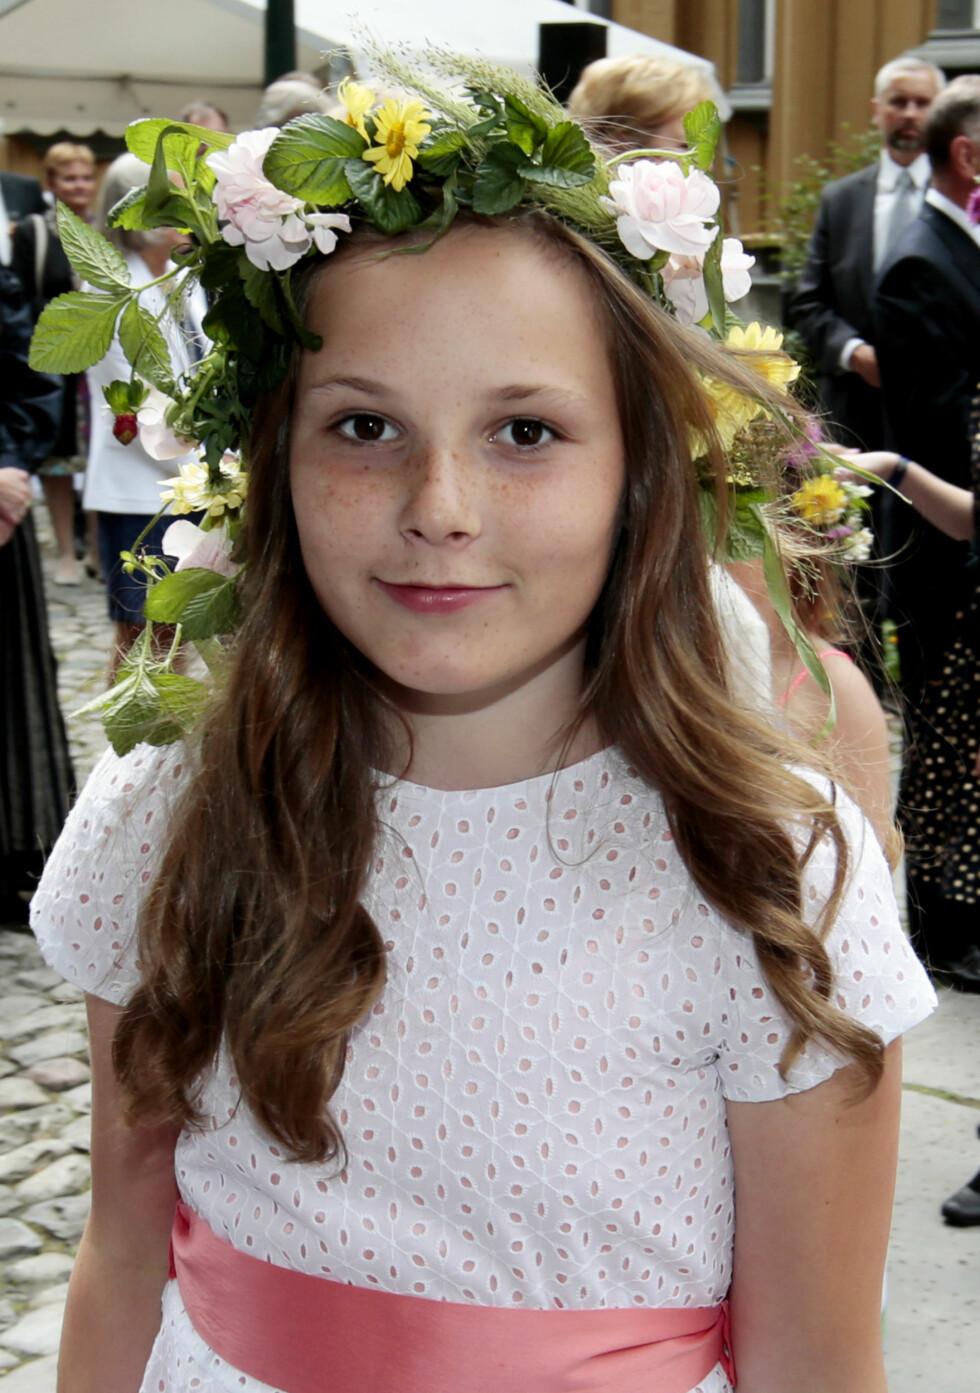 GÅR MED BØSSE: I tillegg til kronprinsesse Mette-Marit og kronprins Haakon, går også prinsesse Ingrid Alexandra med bøsse i dag.  Foto: NTB scanpix